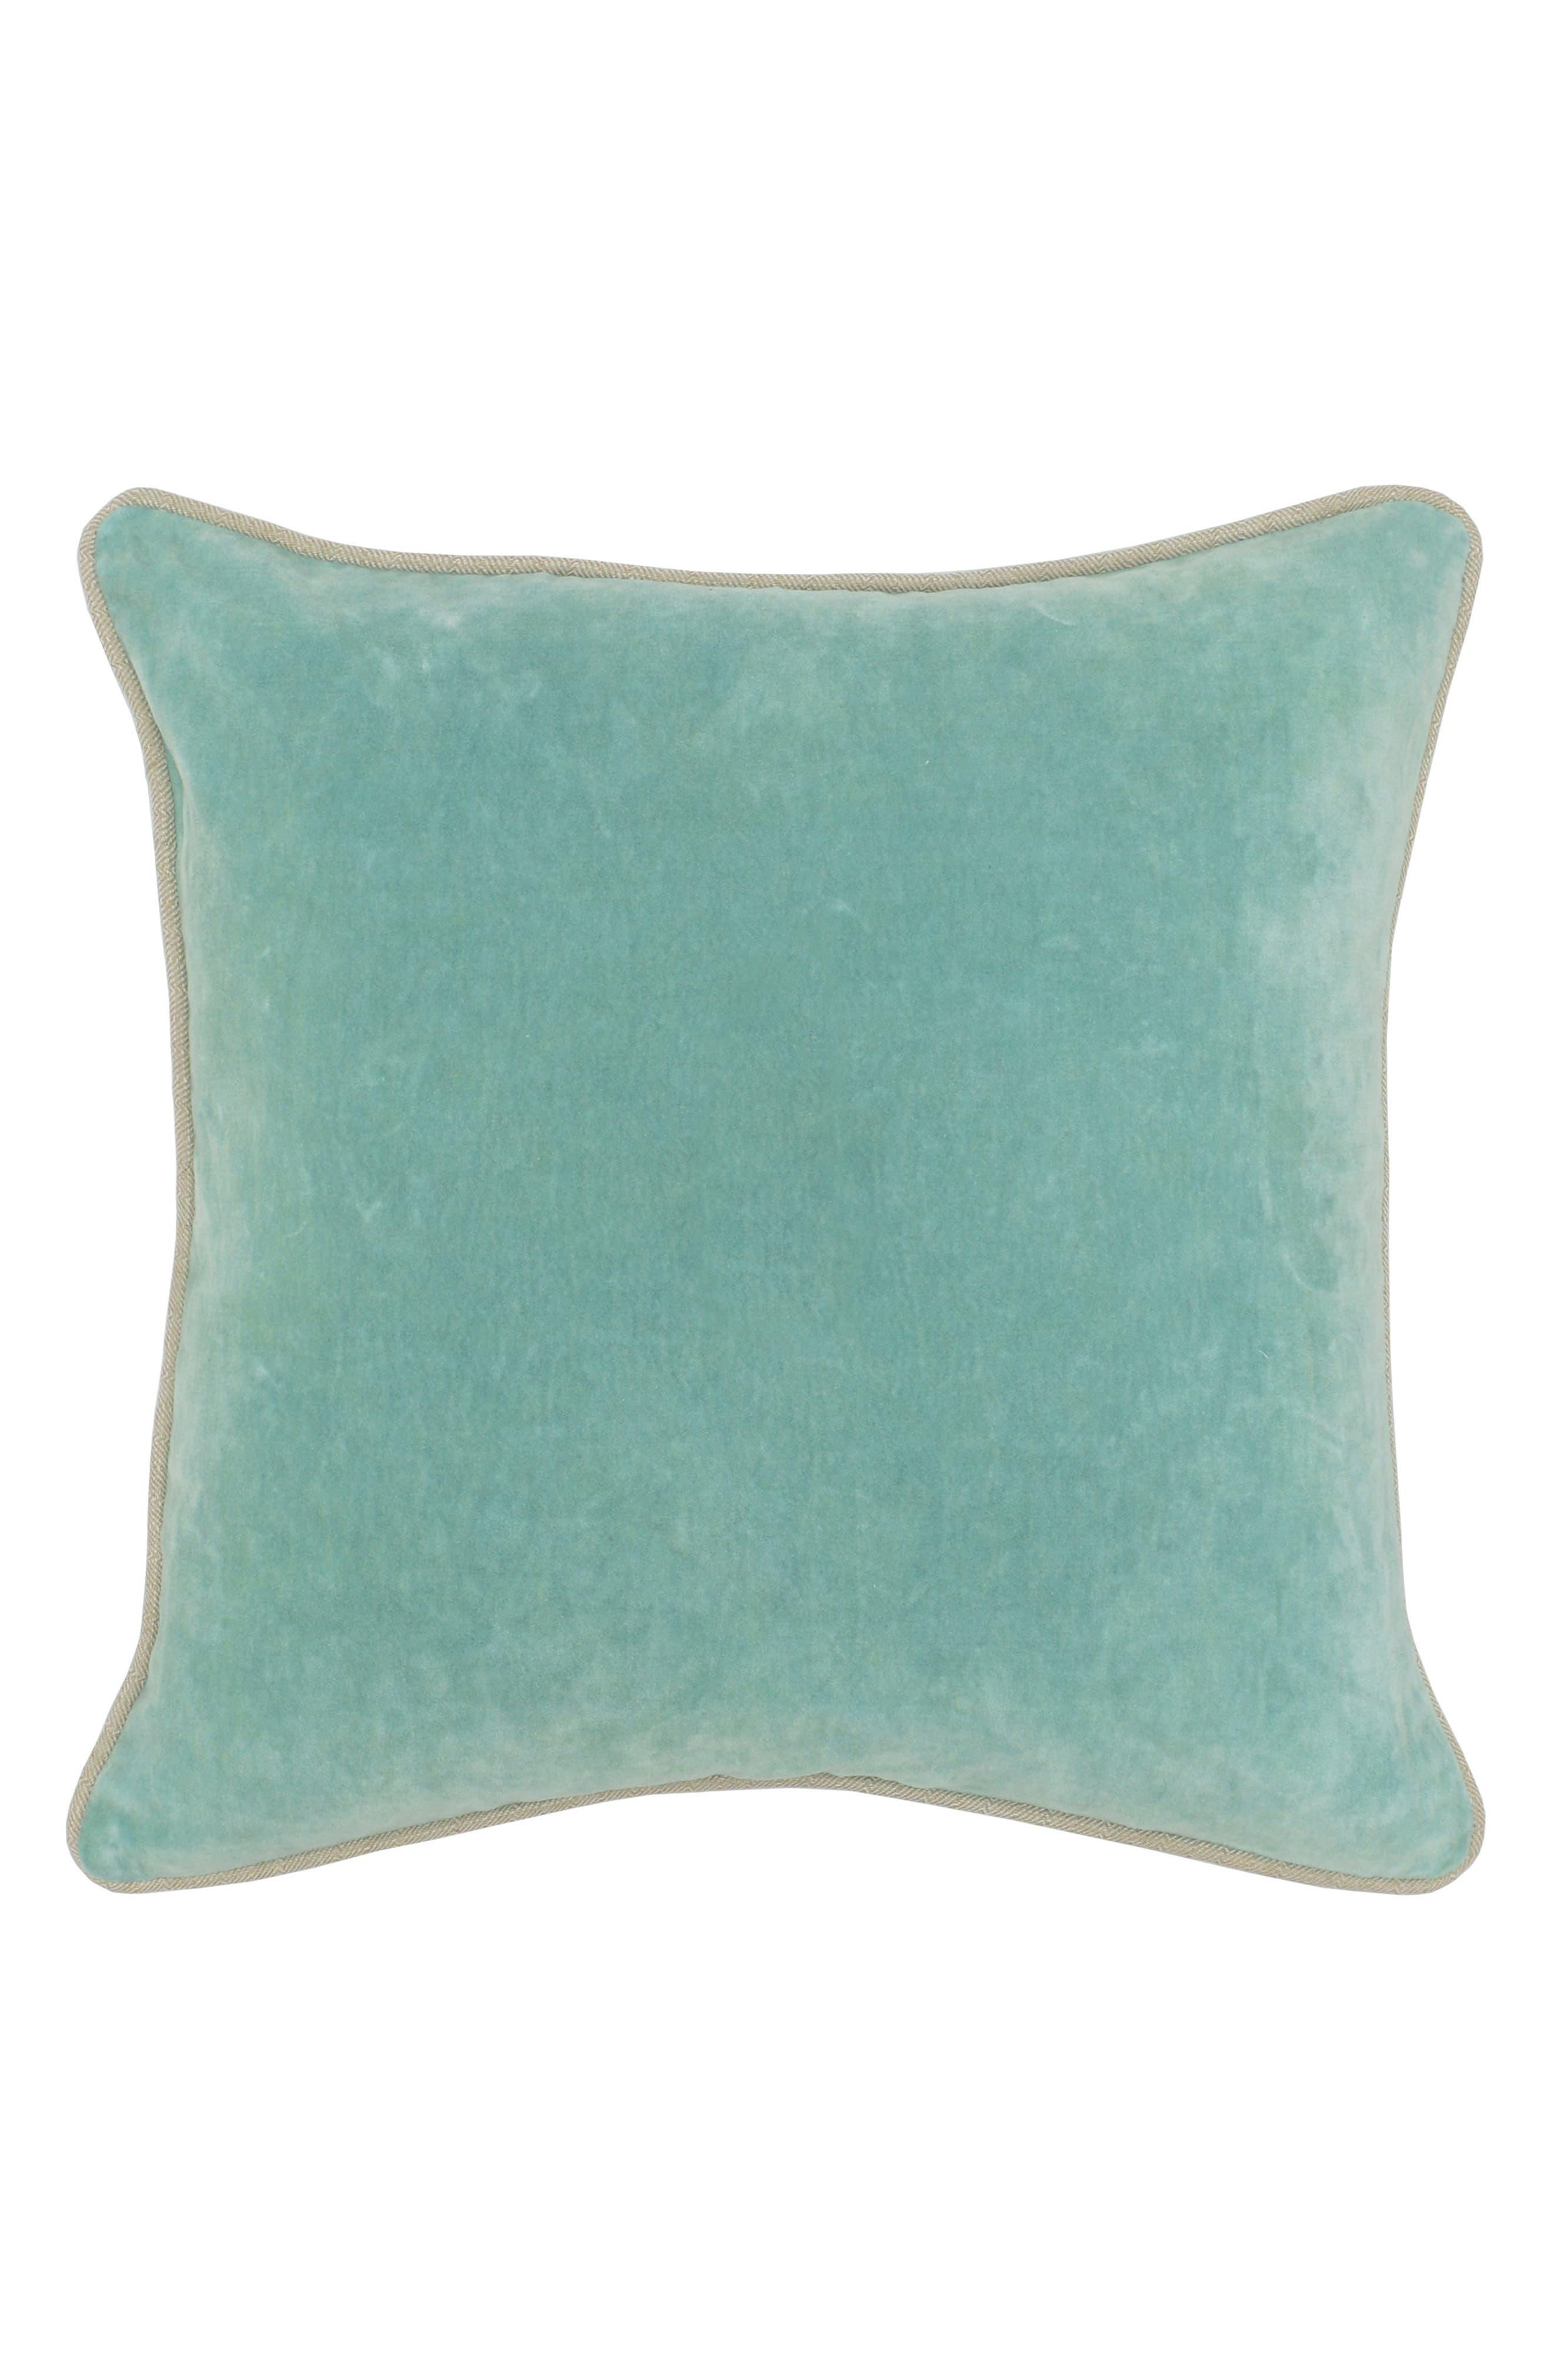 Heirloom Velvet Accent Pillow,                             Main thumbnail 1, color,                             400